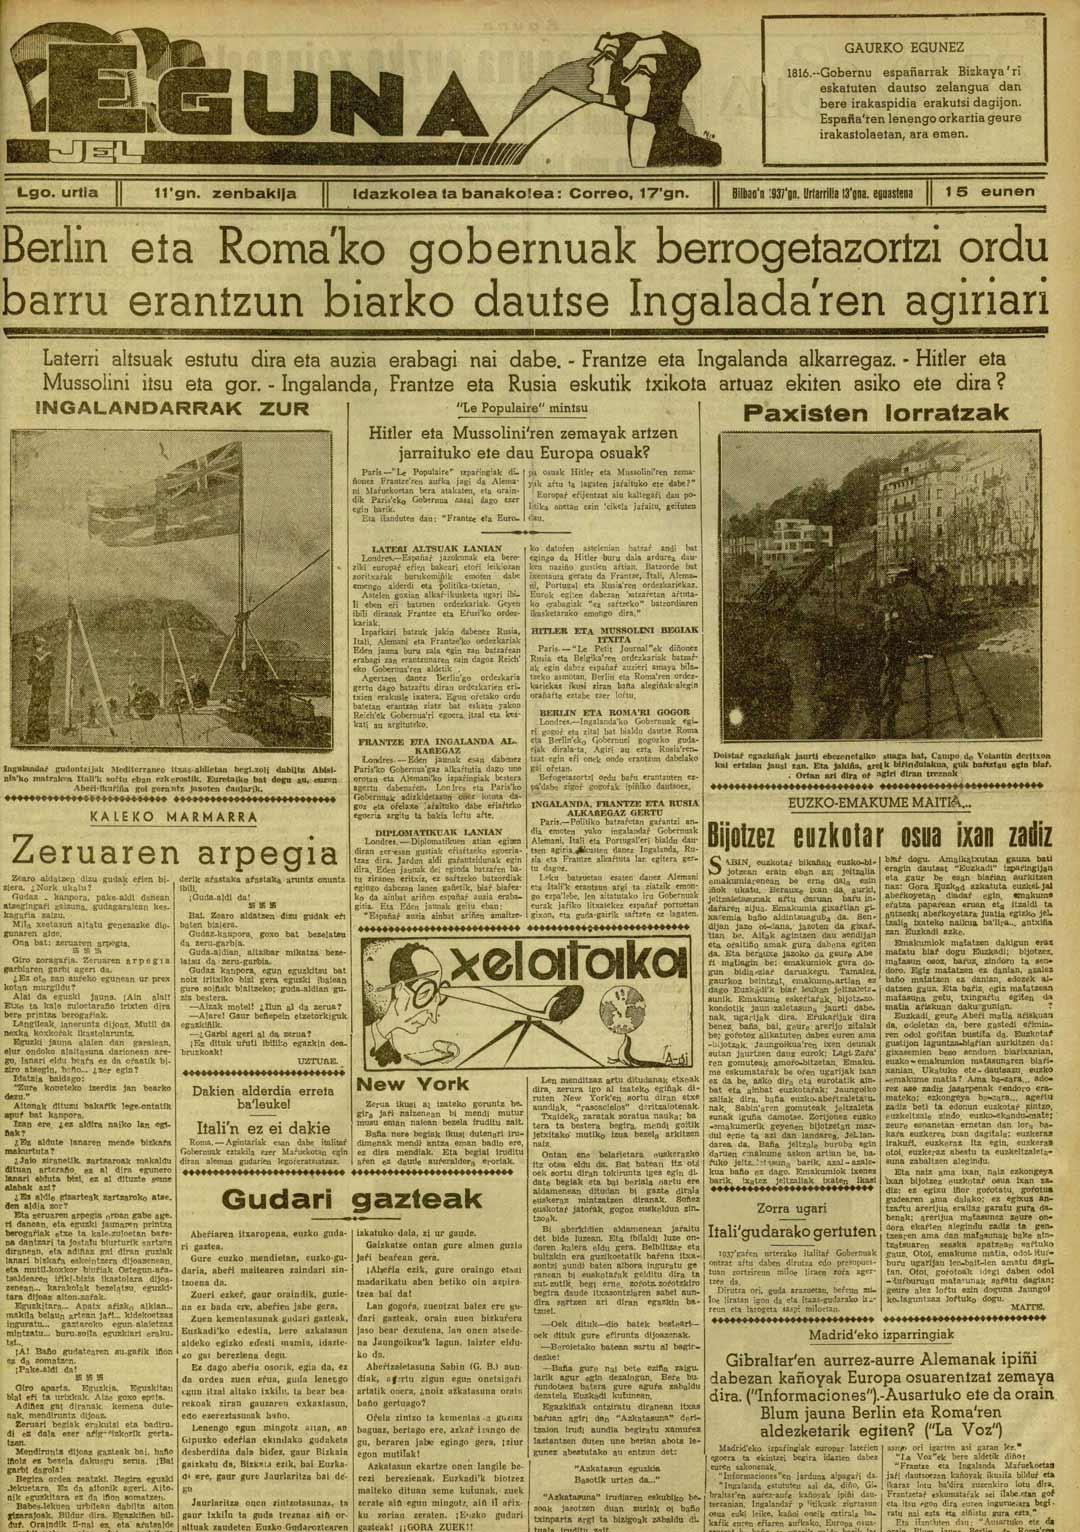 Hitler eta Mussolini�ren zemayak artzen jarraituko ete dau Europa osuak?